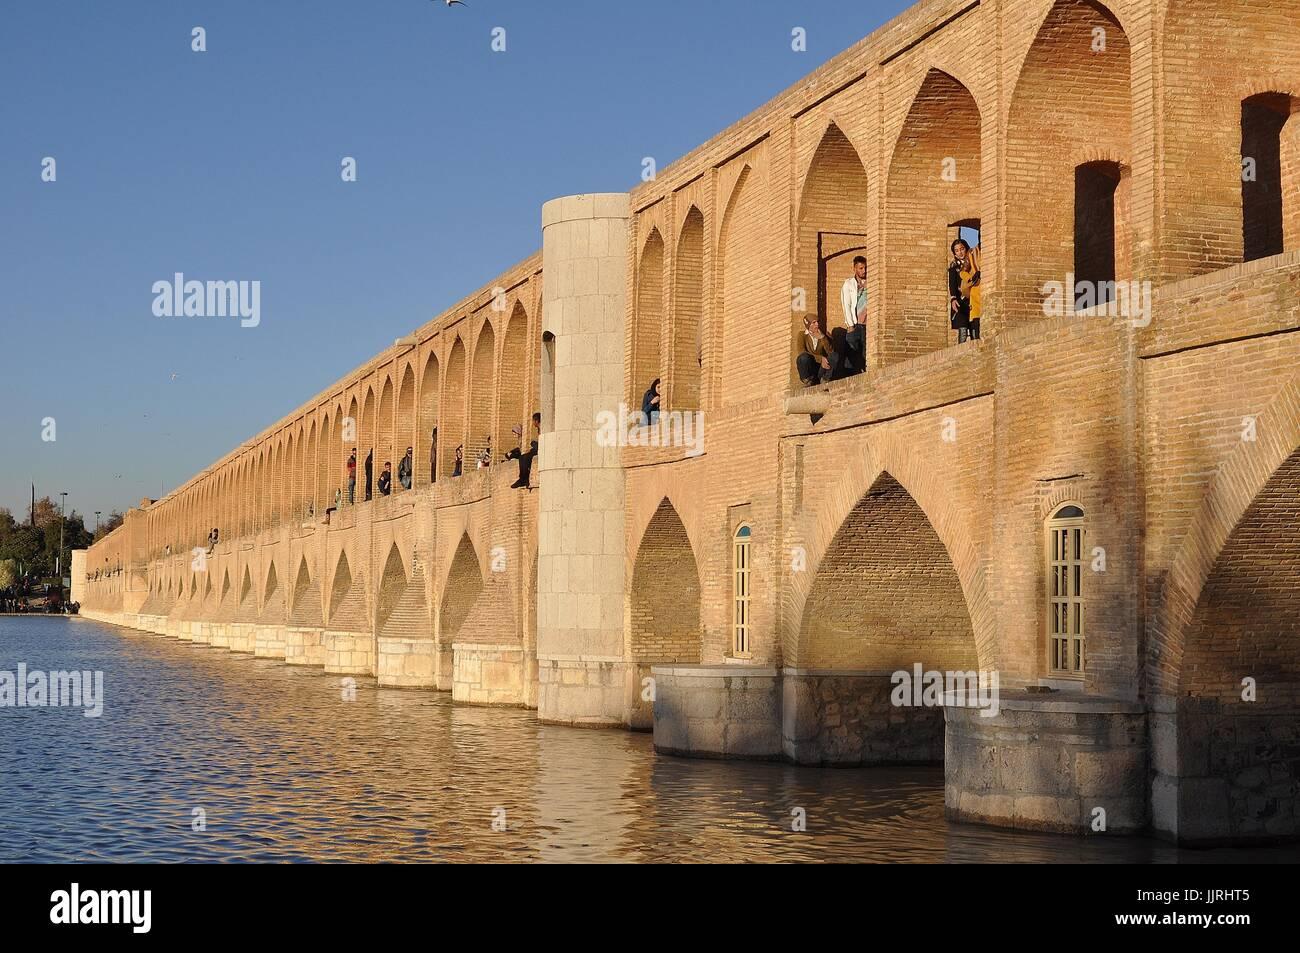 SI-O-SEH BRIDGE of 33 ARCHES, ISFAHAN, IRAN Stock Photo